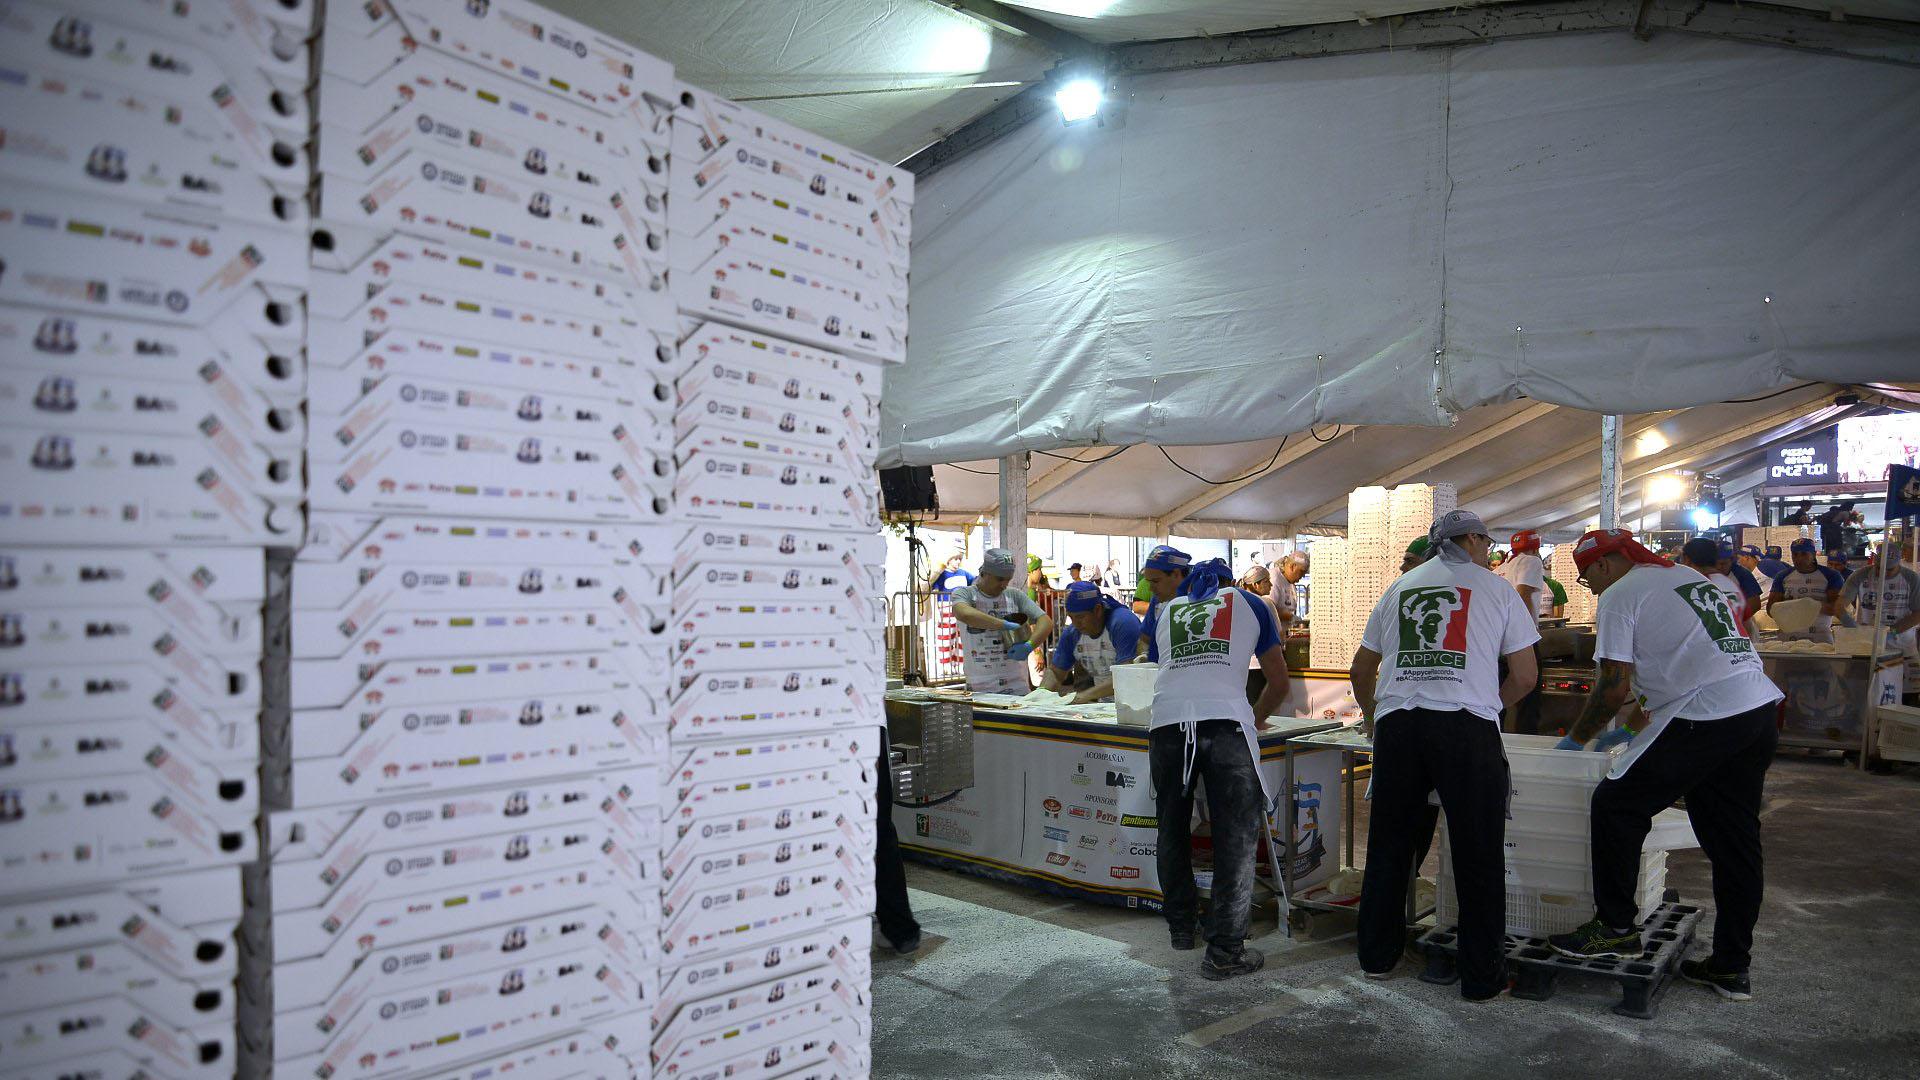 Los alimentos utilizados para esta competición fueron donados por diferentes organizaciones